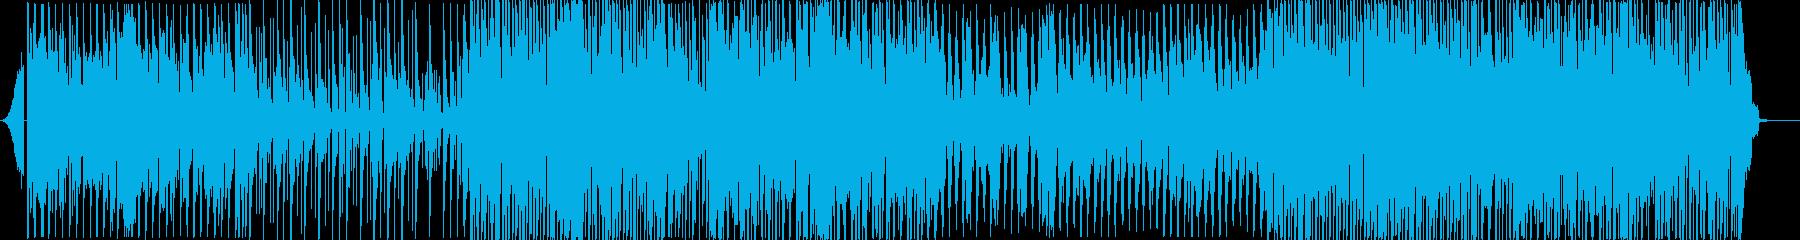 クールなトロピカルハウスEDMの再生済みの波形